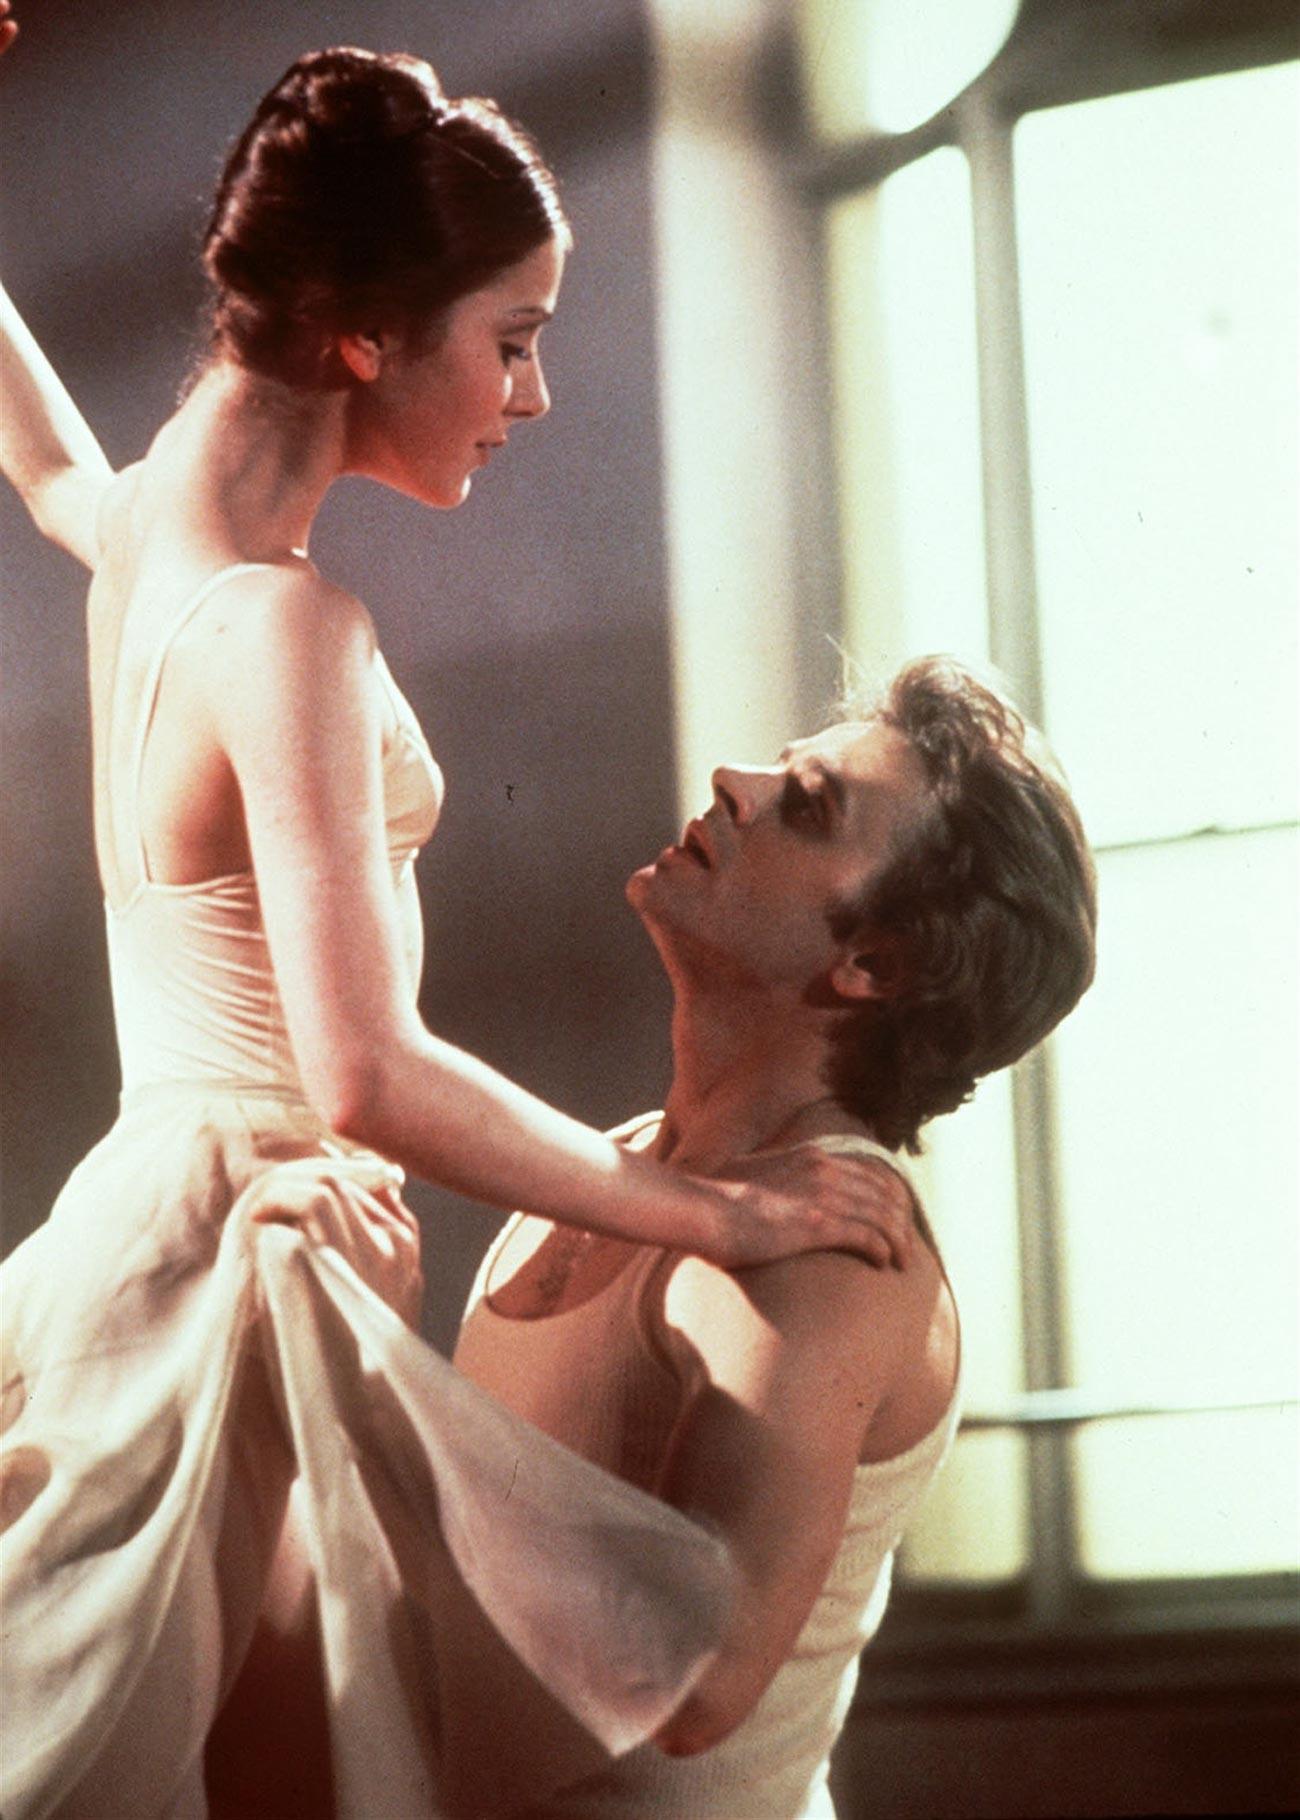 'The Turning Point' by Herbert Ross, starring Leslie Browne and Mikhail Baryshnikov.